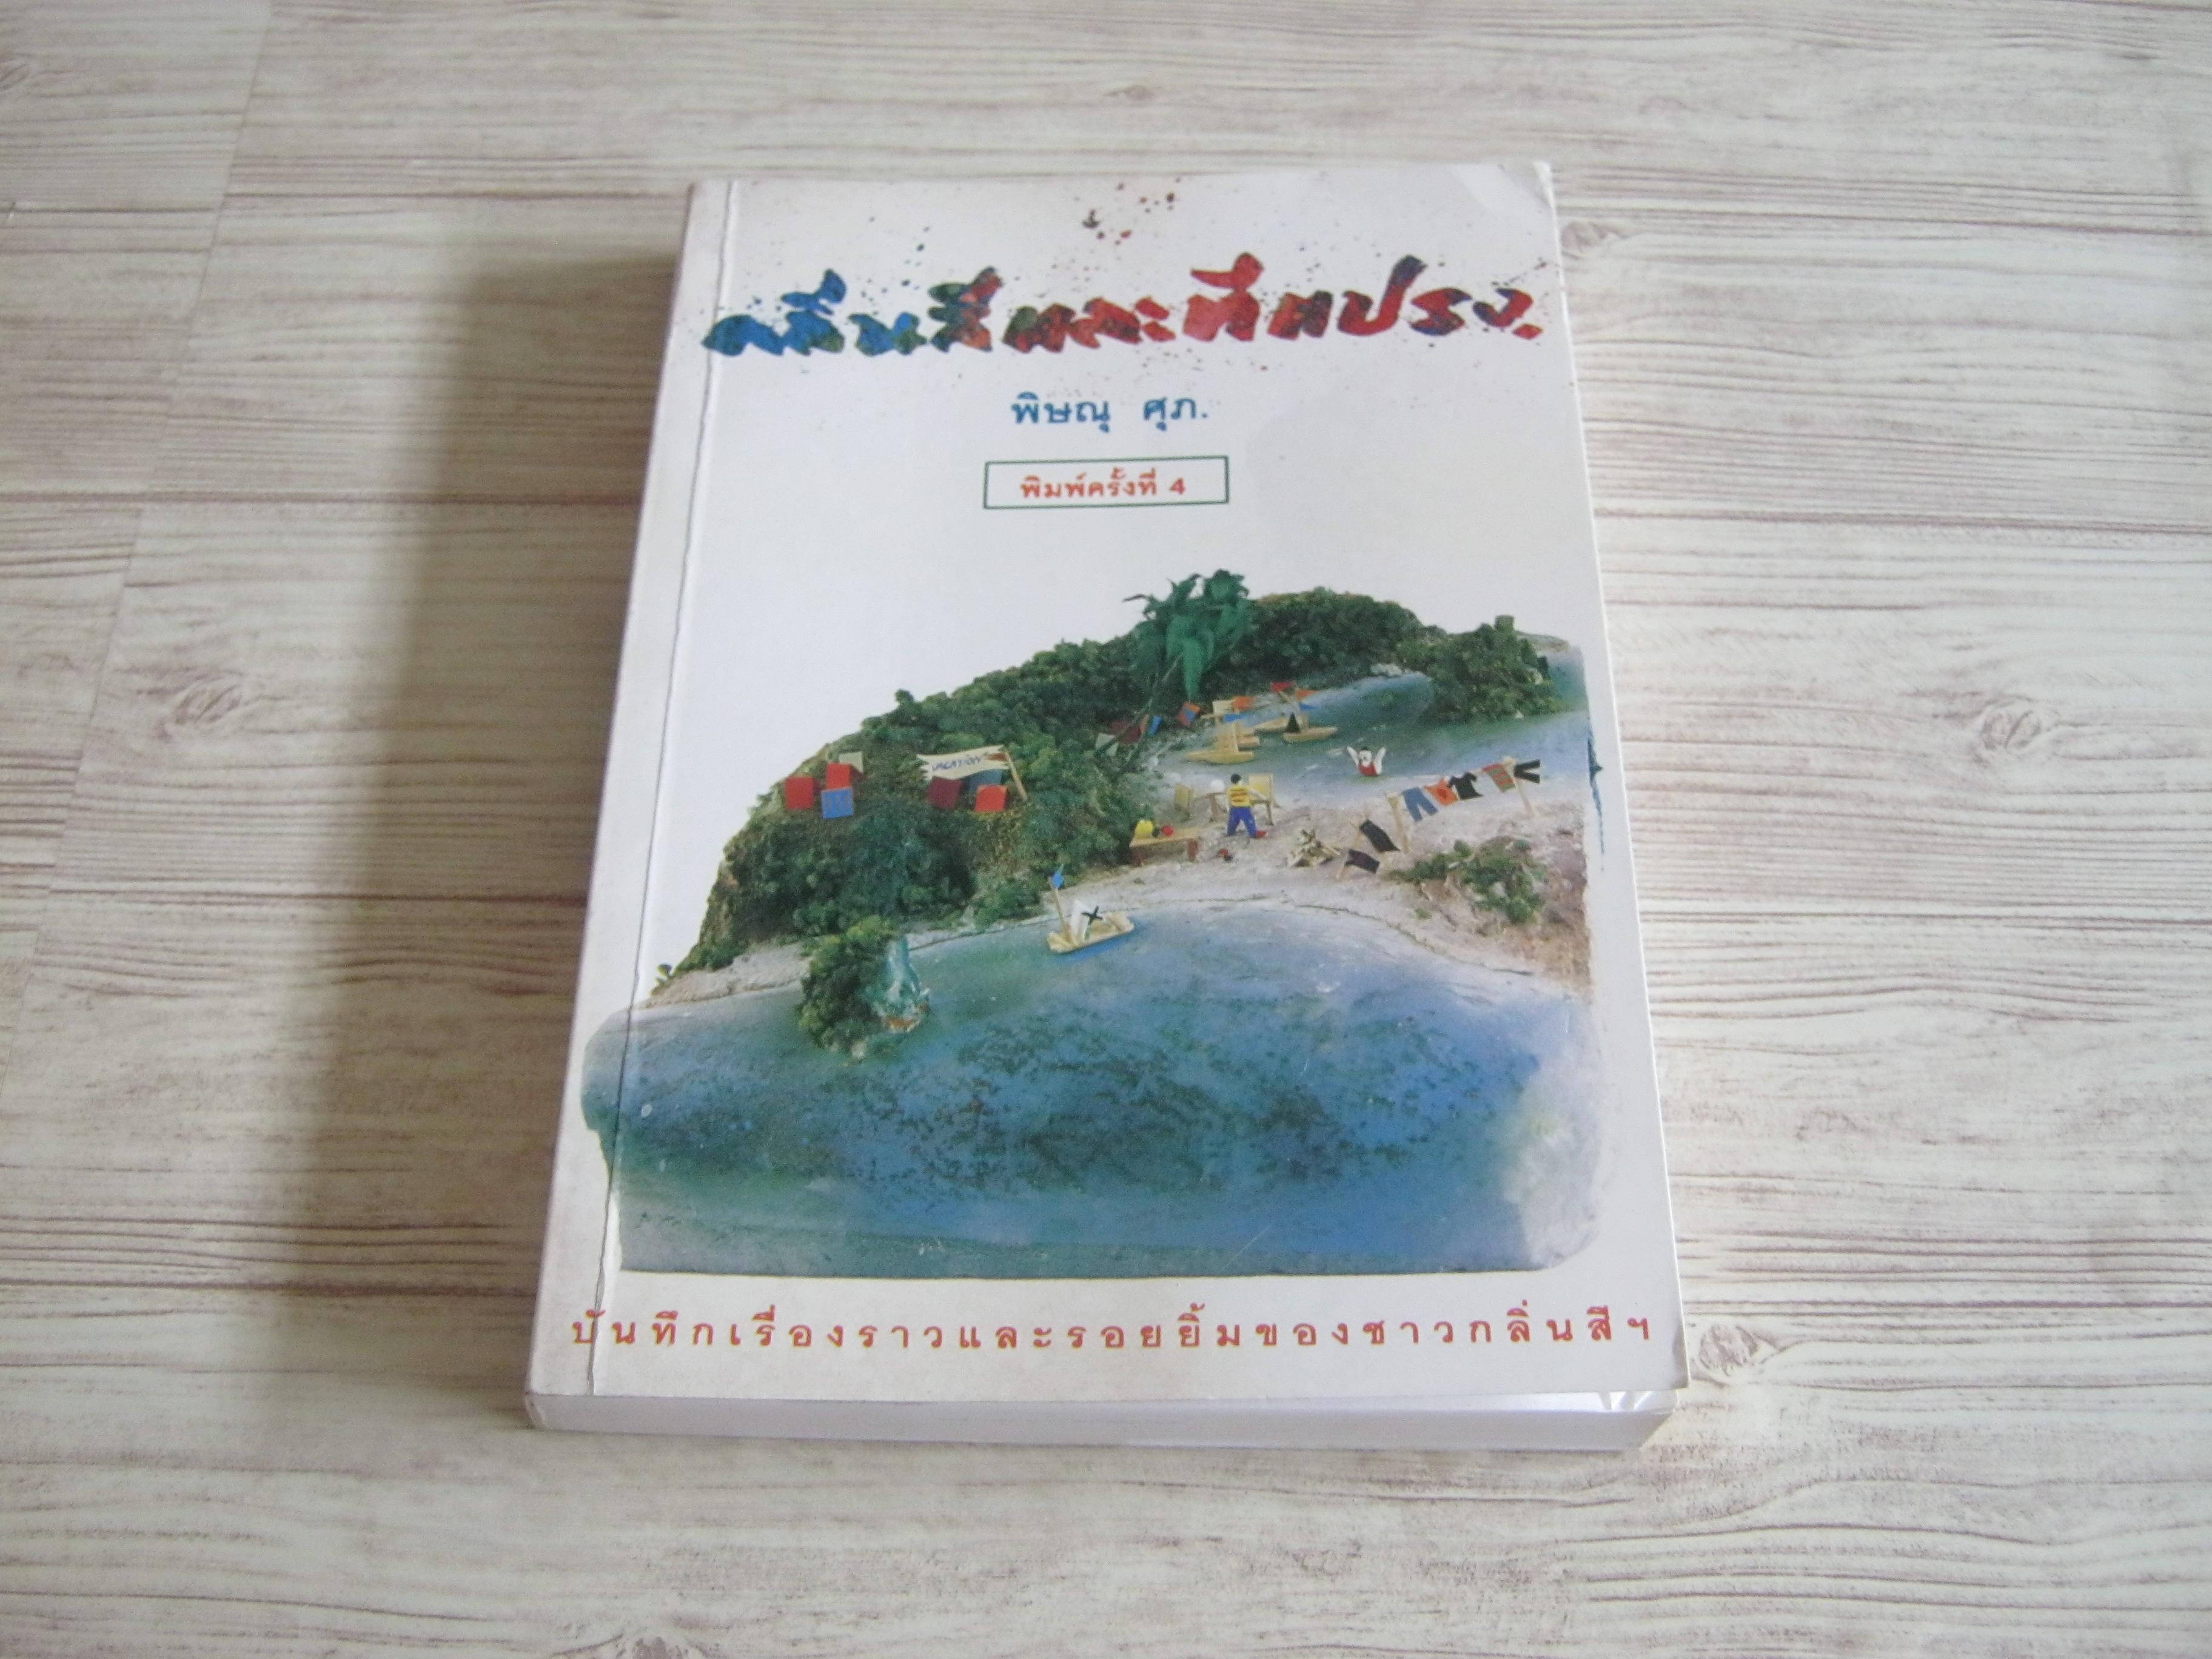 กลิ่นสีและทีแปรง พิมพ์ครั้งที่ 4 พิษณุ ศุภ. ***สินค้าหมด*** - book-dd  หนังสือมือสอง หนังสือเก่า หนังสือเก่าหายาก หนังสือมือสองสภาพดี, online,  book-dd : Inspired by LnwShop.com